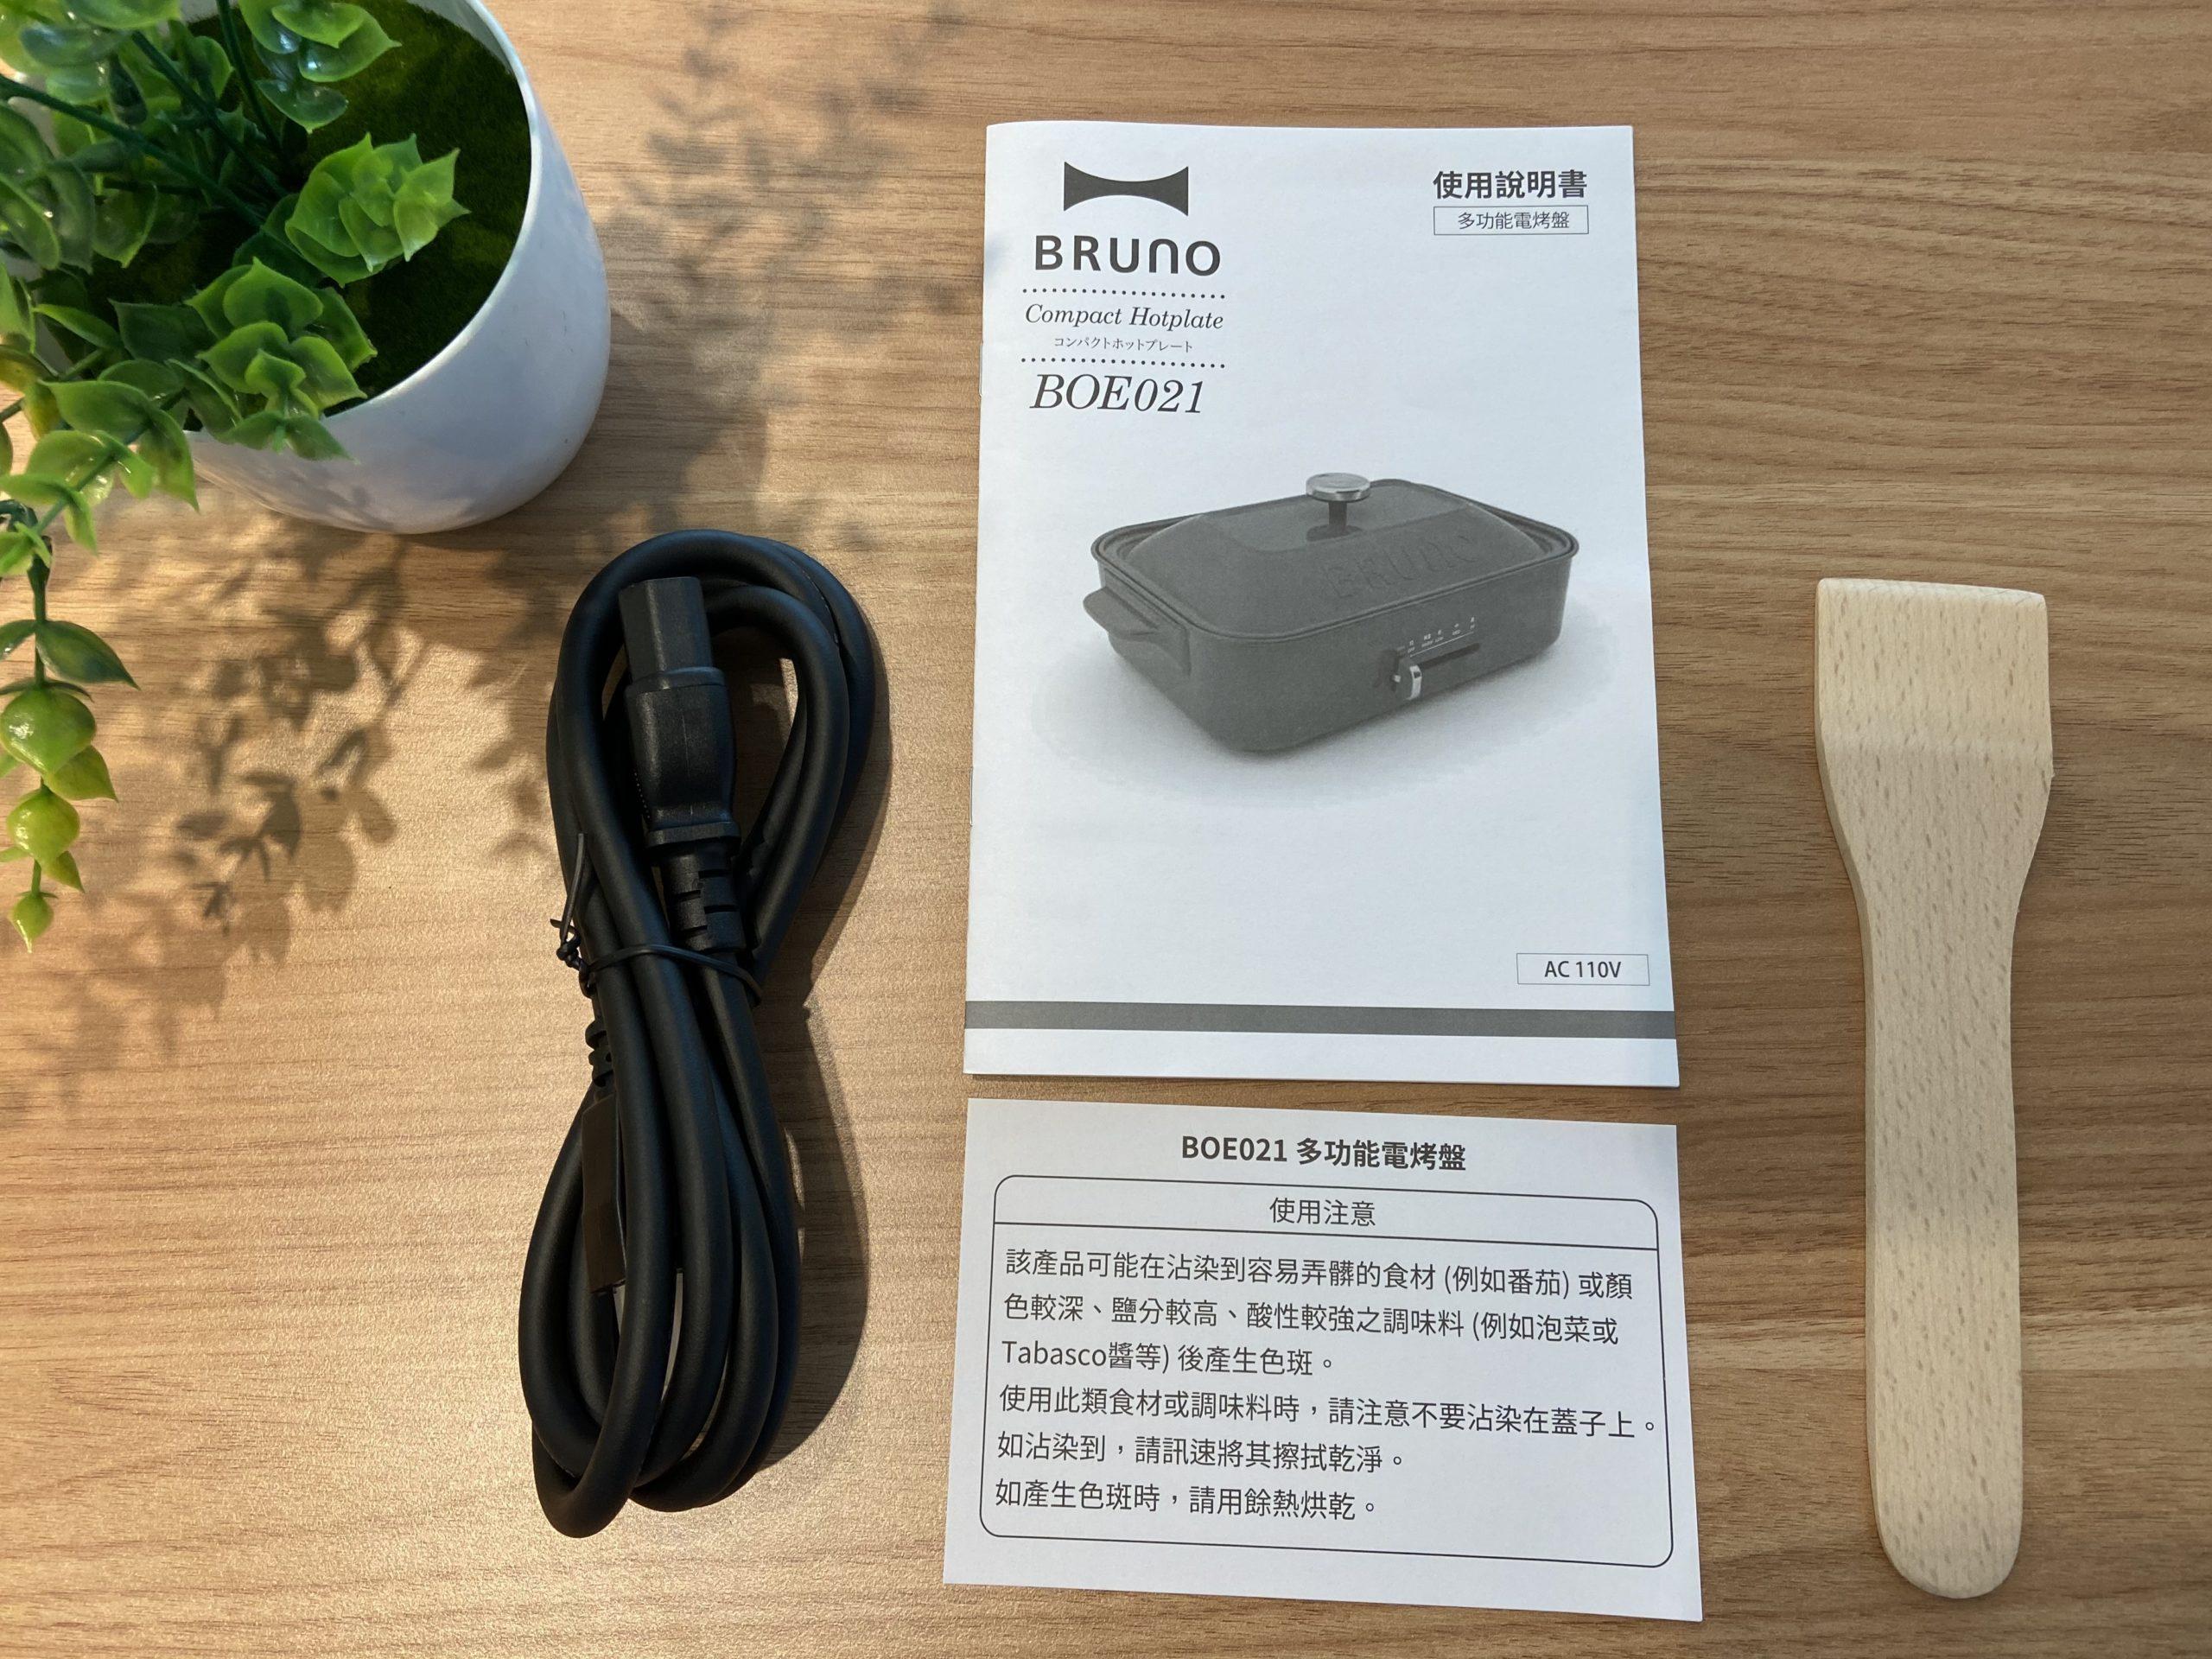 日本 BRUNO 電烤盤配件